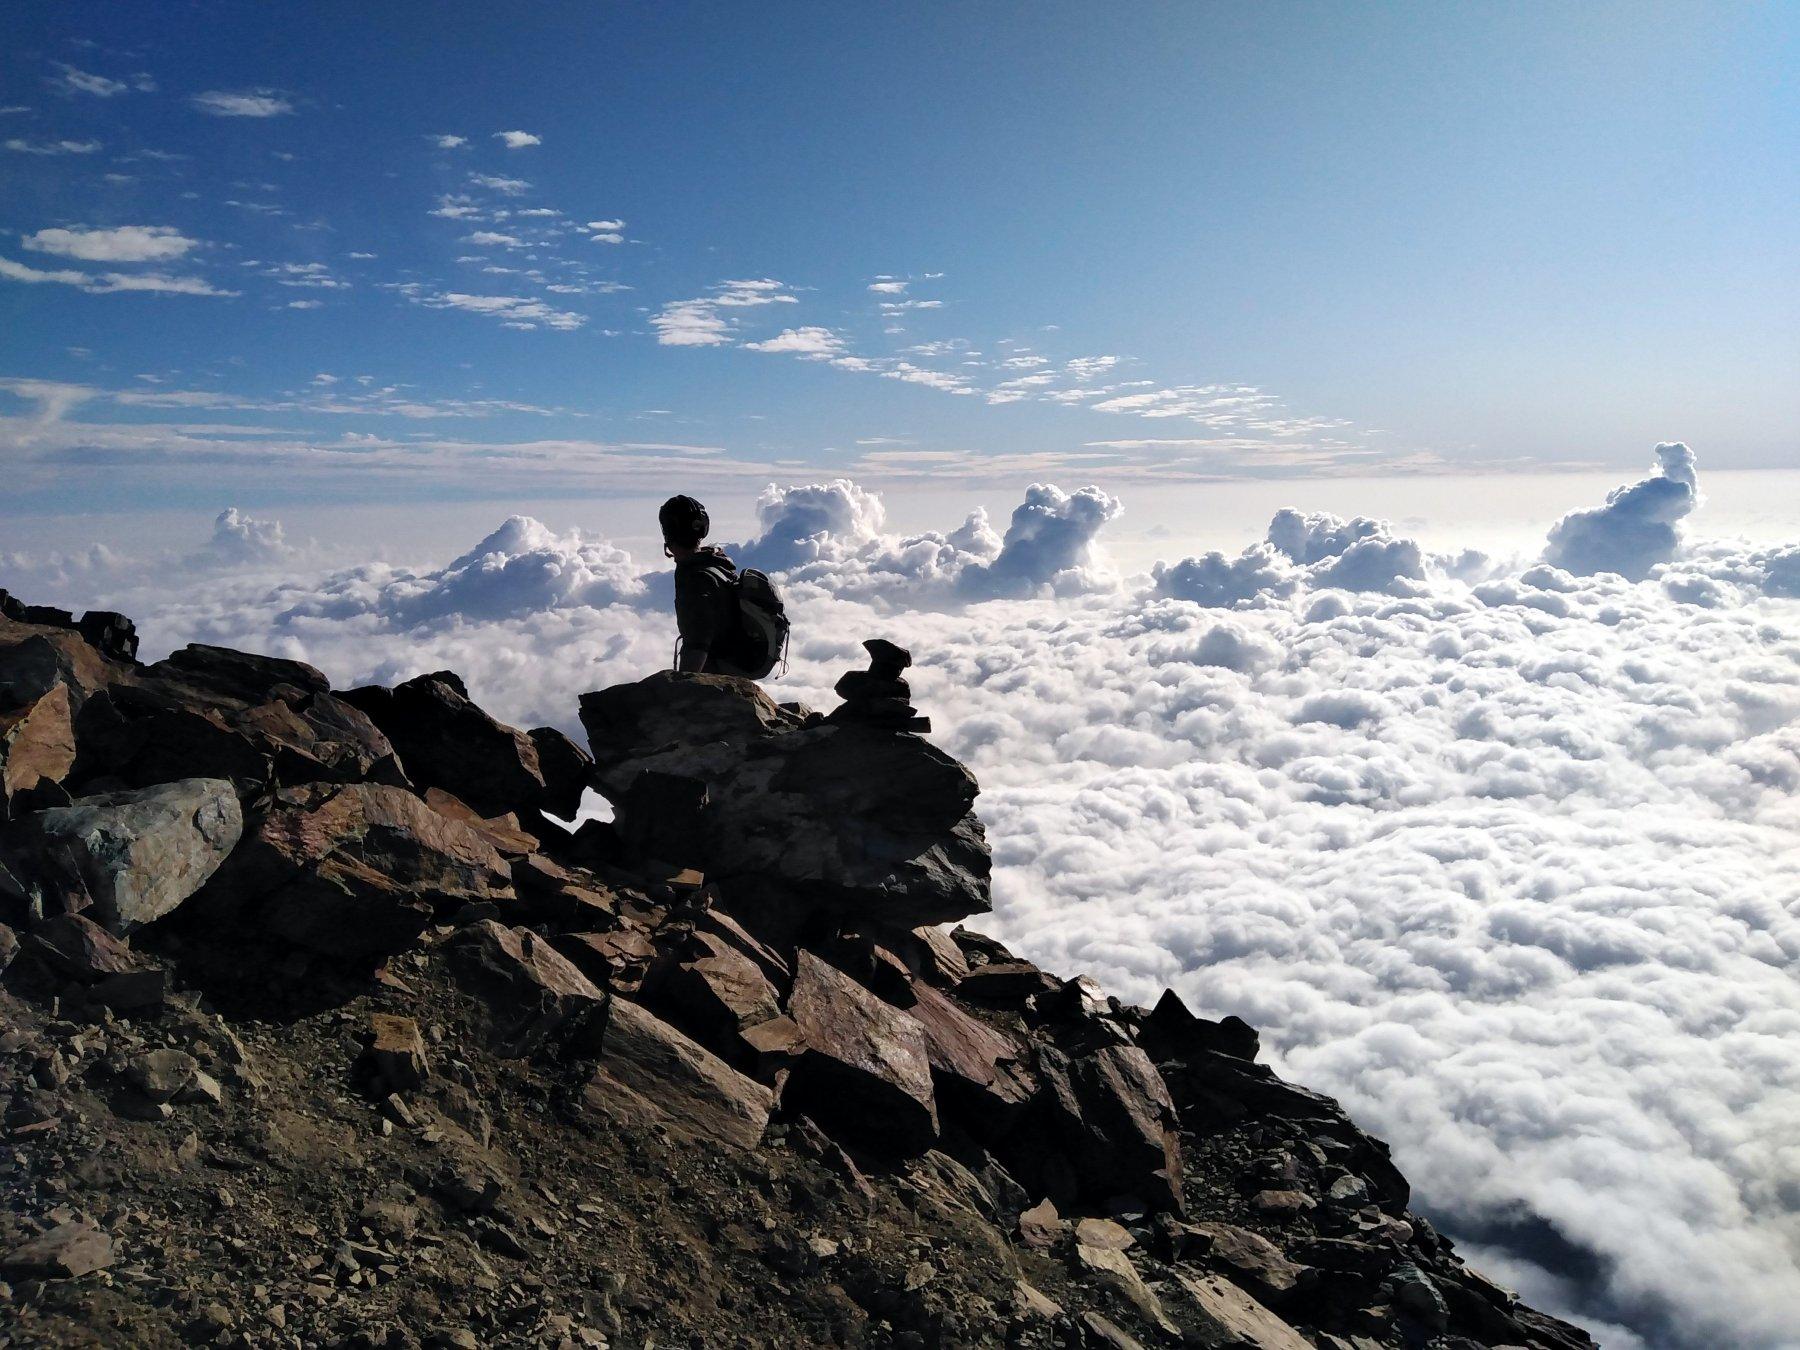 il versante padano coperto, come spesso accade, da un mare di nubi